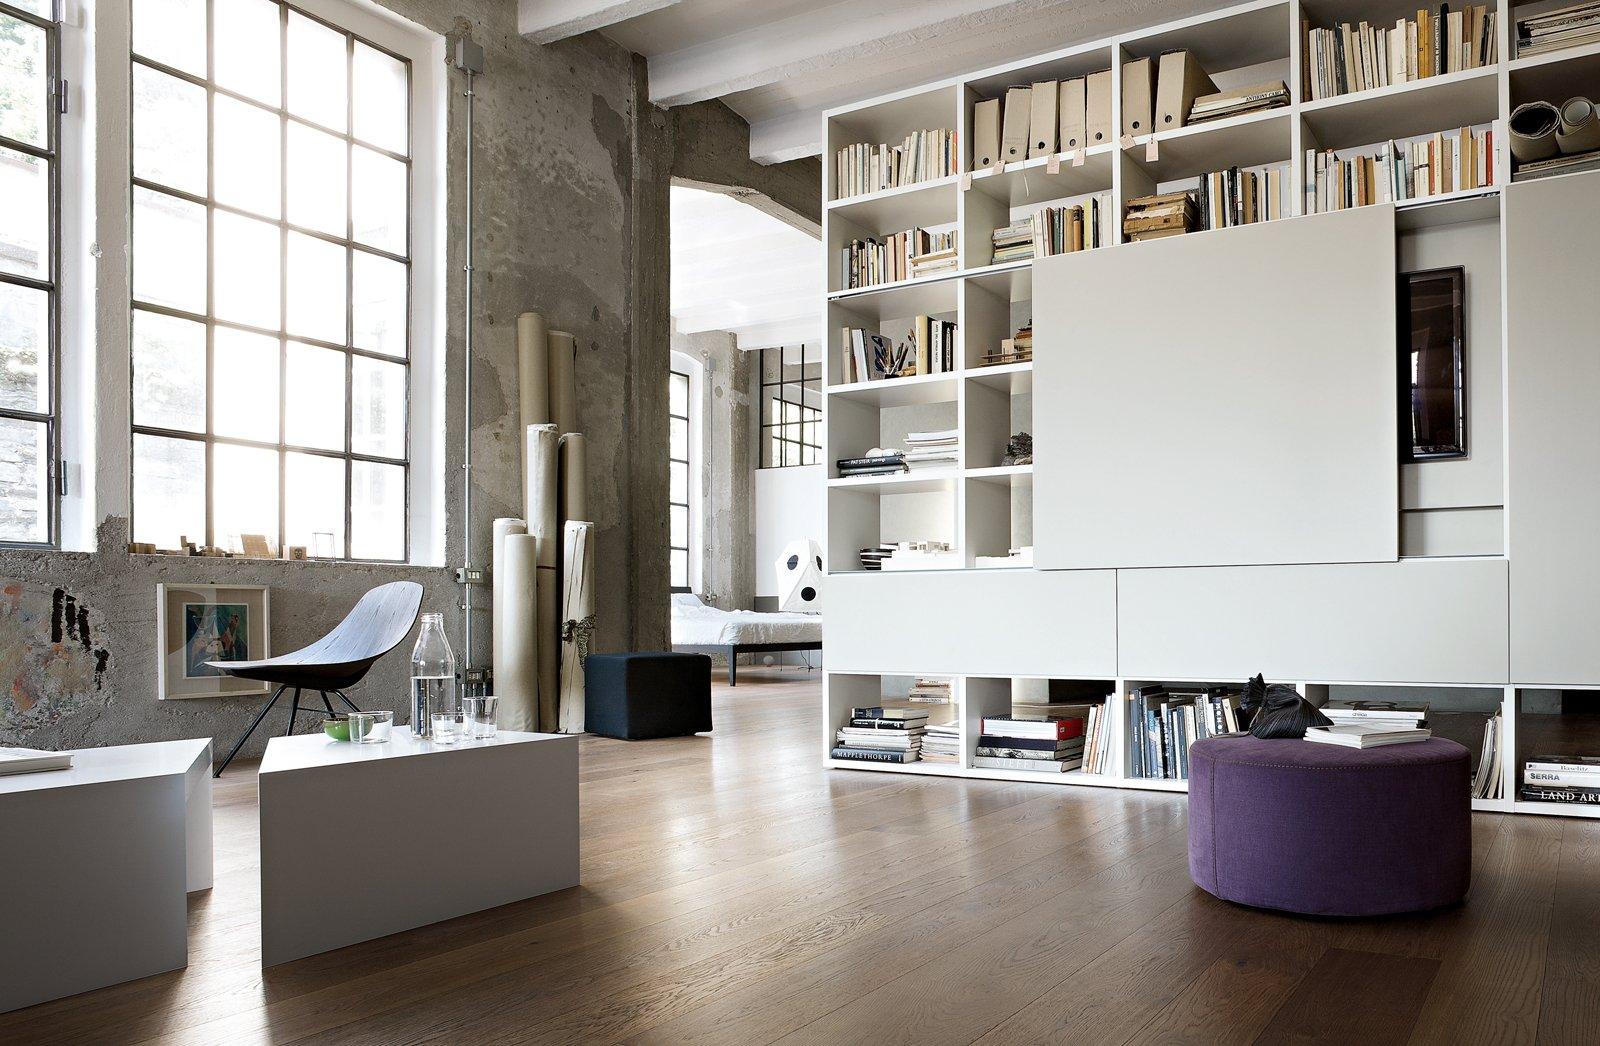 Mobili Tv Lema: Librerie mobili hi fi e tv tavoli sedie divani ...